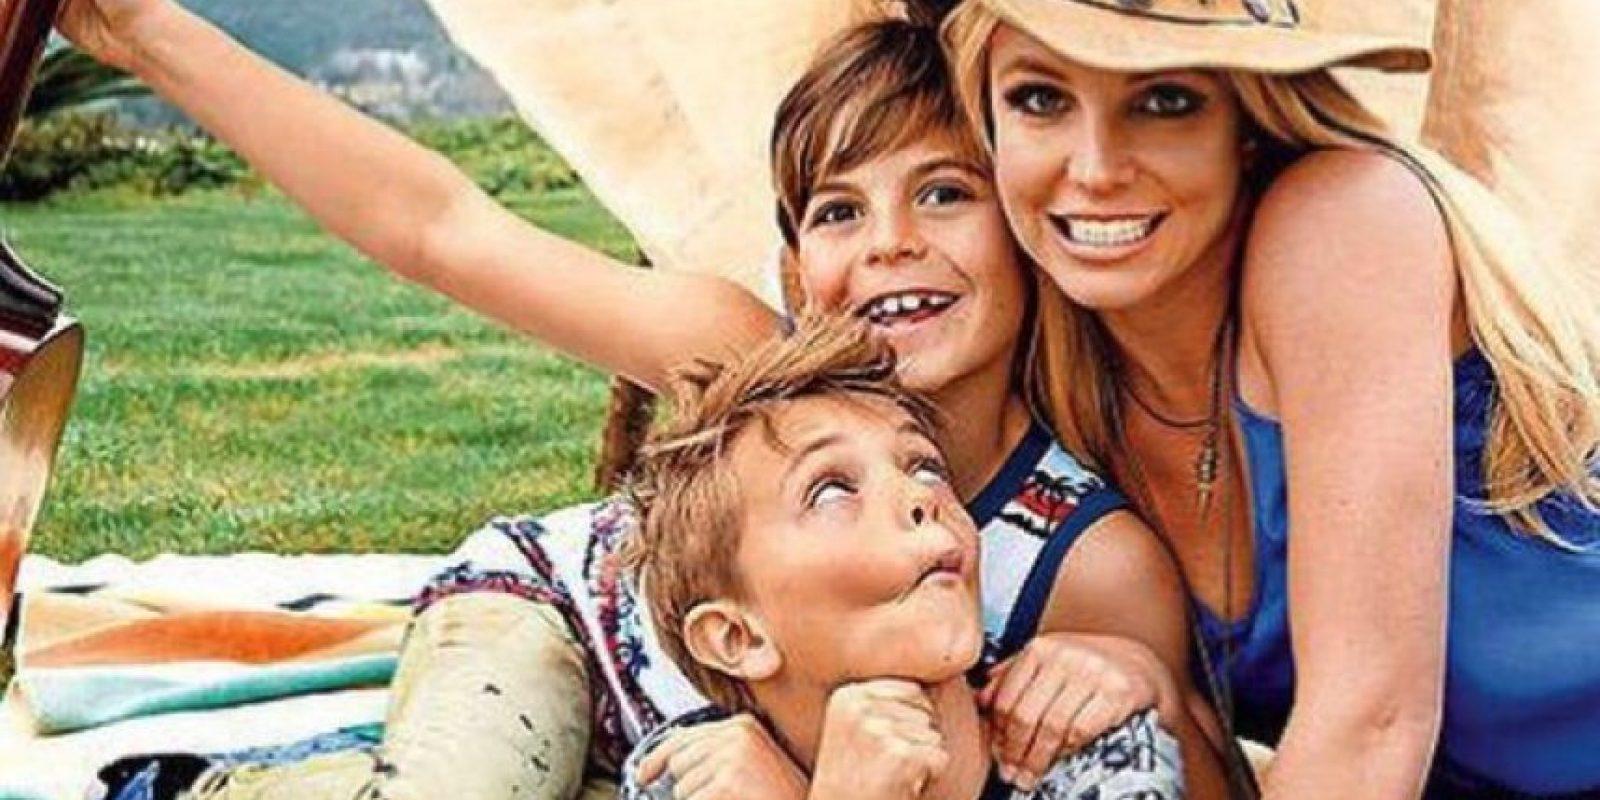 """En 2010, Fernando Flores, un ex guardaespaldas de la intérprete reveló a la revista """"The Sun"""" que convivir con ella """"era una pesadilla"""" y aseguró que alimentaba a sus hijos con cosas poco saludables y que los maltrataba físicamente. Foto:vía instagram.com/britneyspears"""